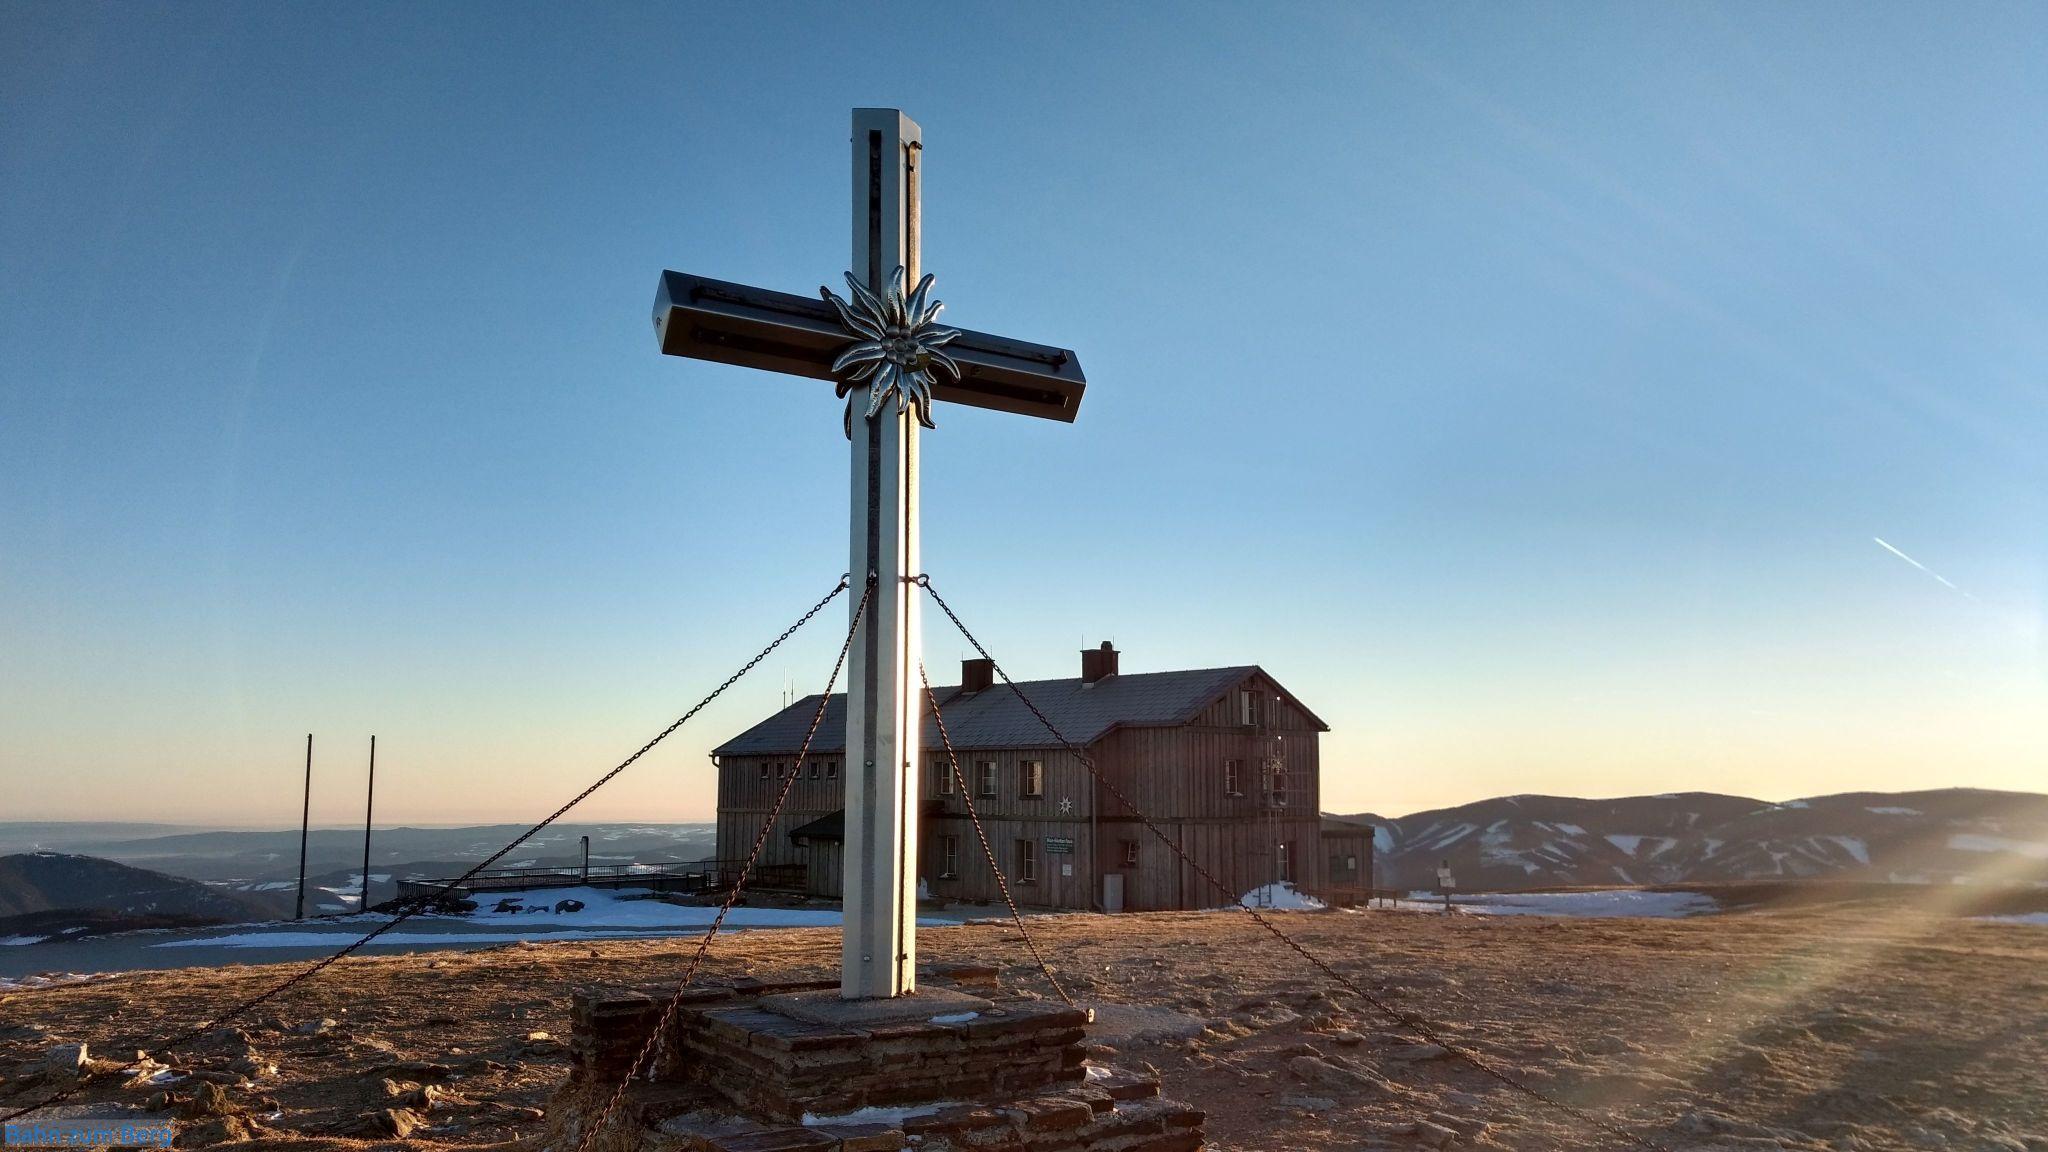 Das Alois-Günter-Haus ist nur ein paar Schritte von Stuhleck Gipfel entfernt.